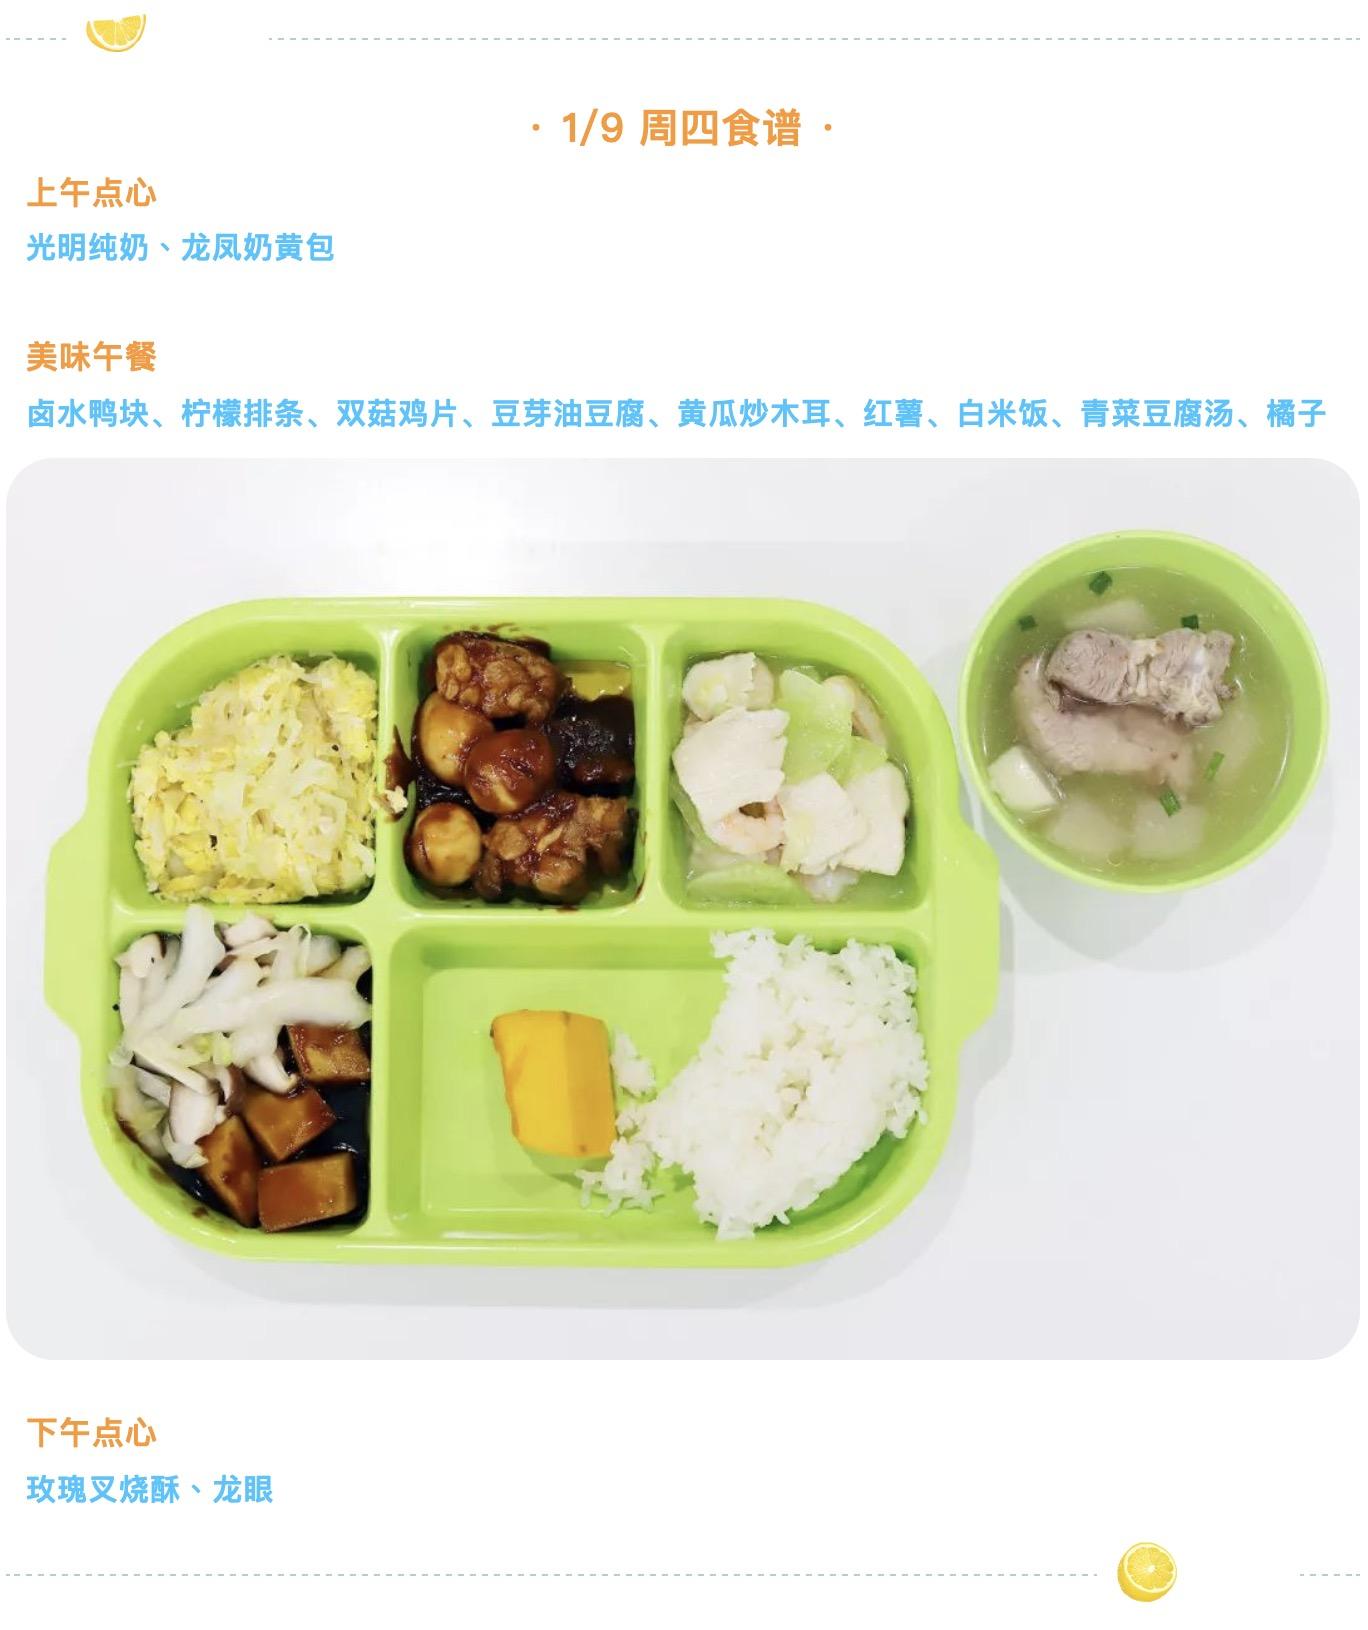 食堂用餐桌椅_青浦校区 | 食堂食谱